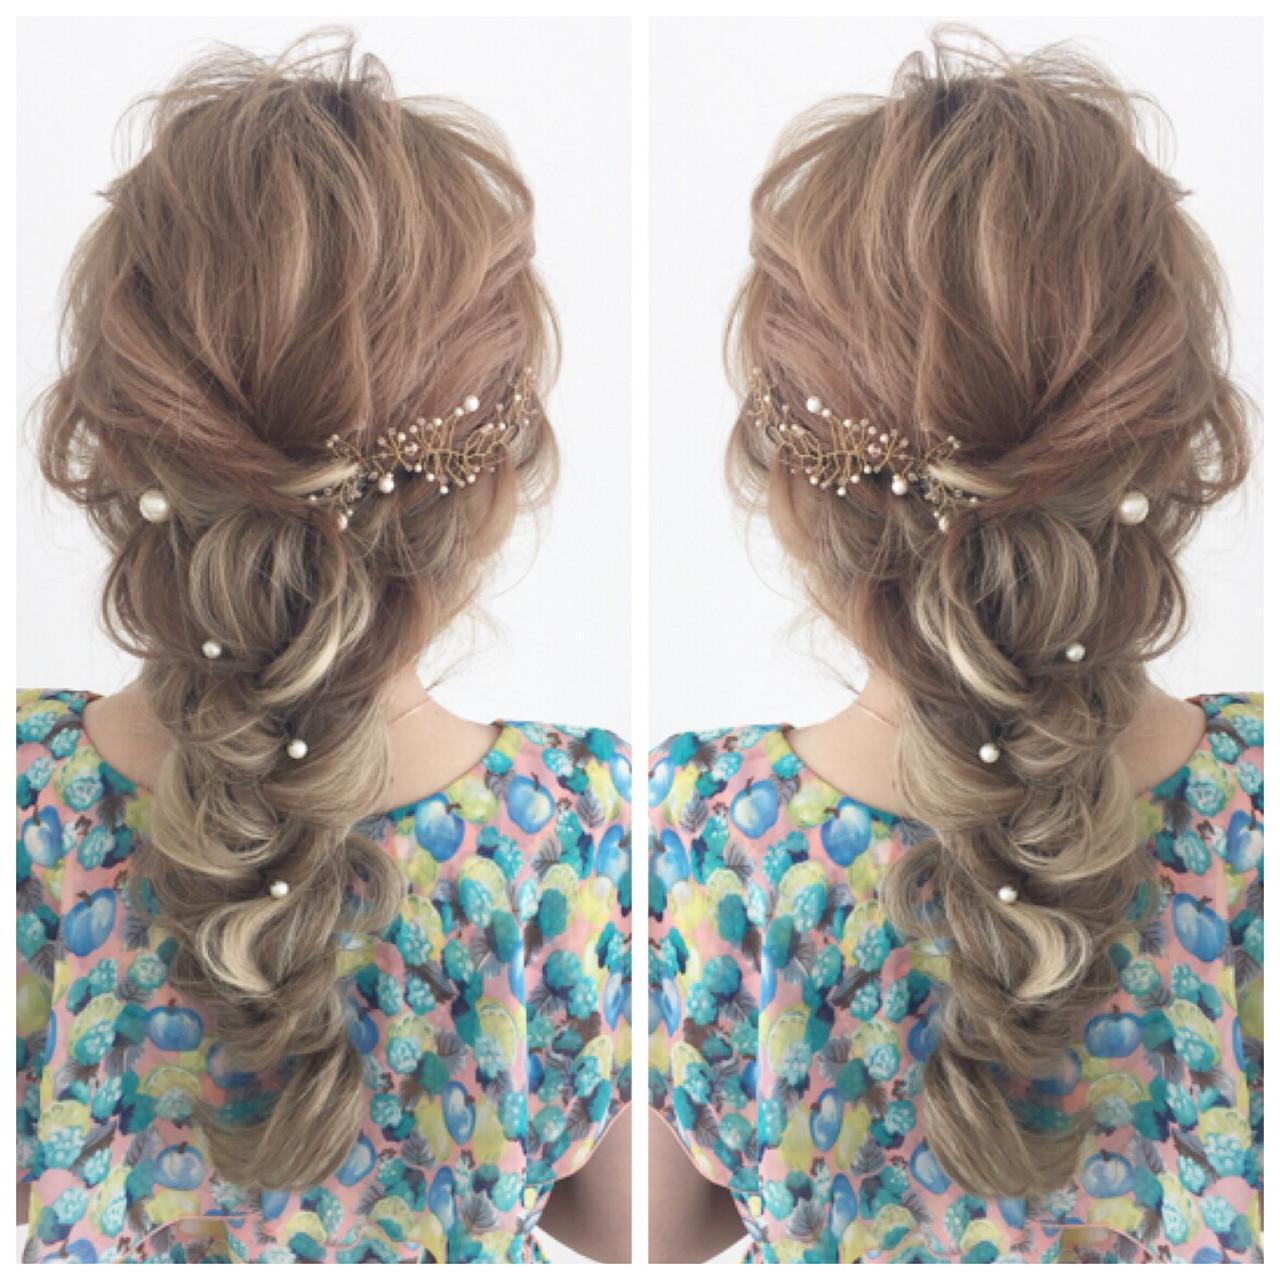 編みおろしでつくるセミロングの華やかな髪型 北新地セットサロンIRIS/佐藤 友理セットサロン IRIS